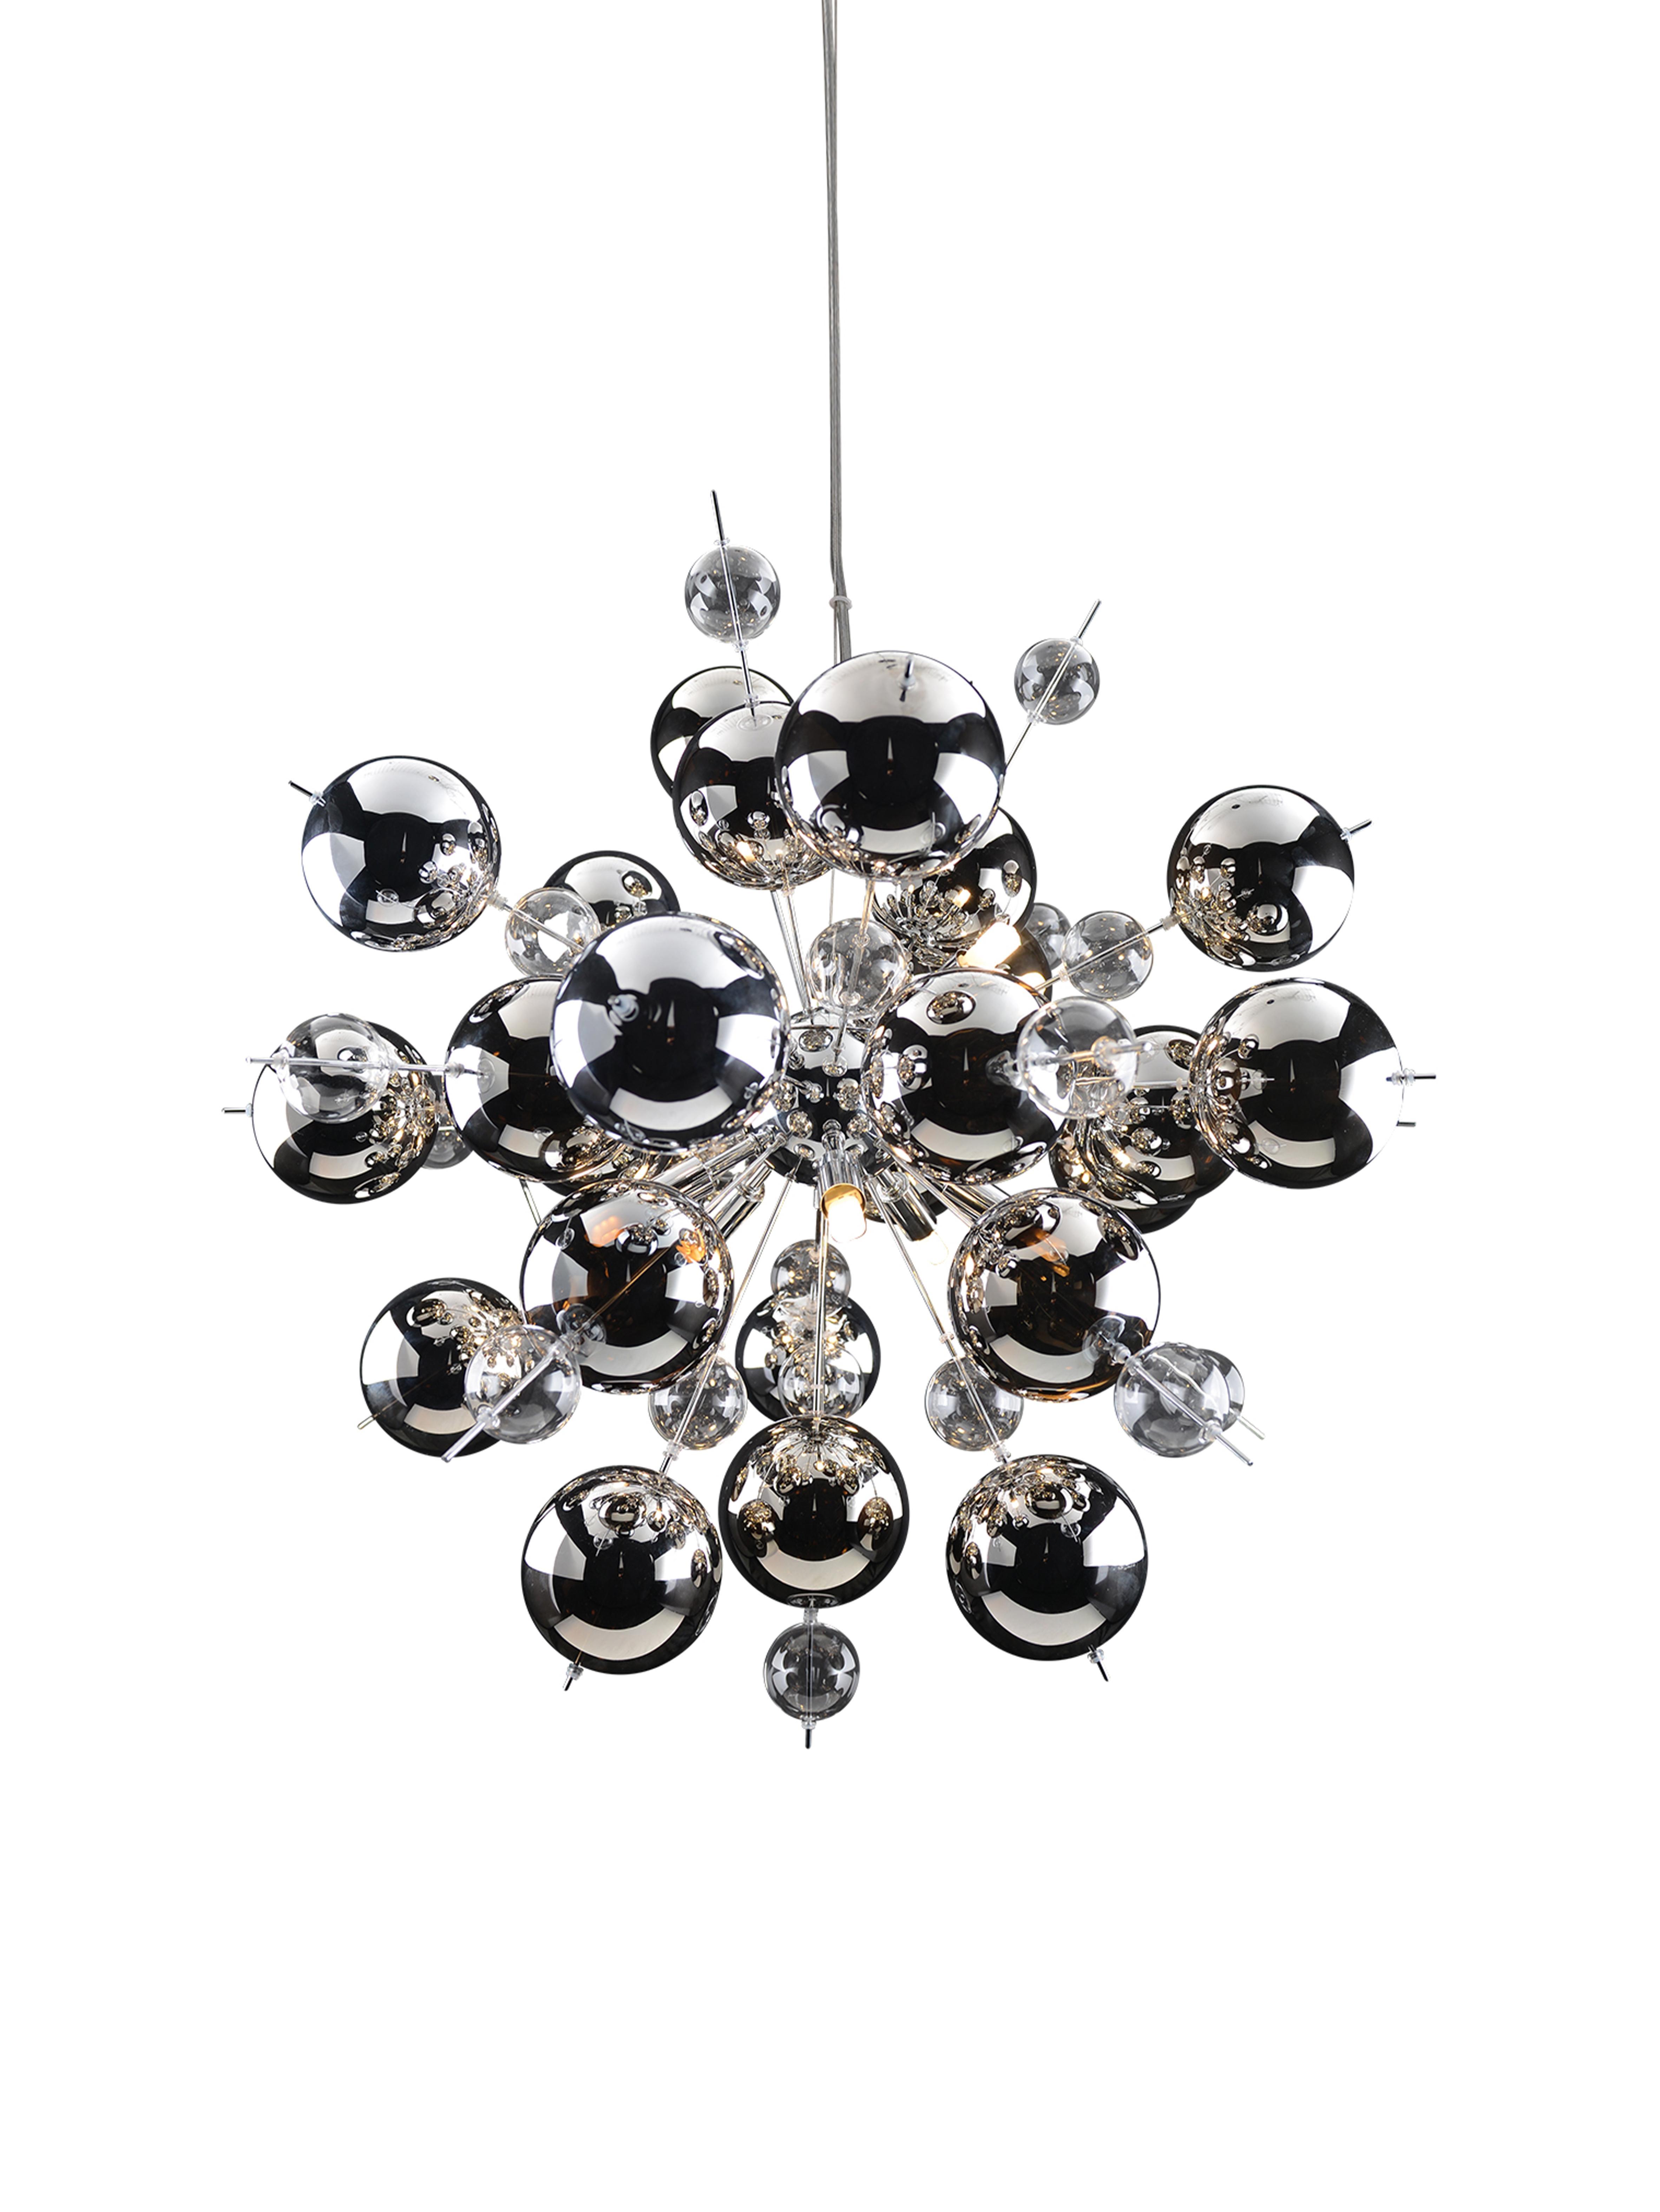 Lampa wisząca ze szklanych kulek Explosion, Chrom, Ø 65 x W 150 cm